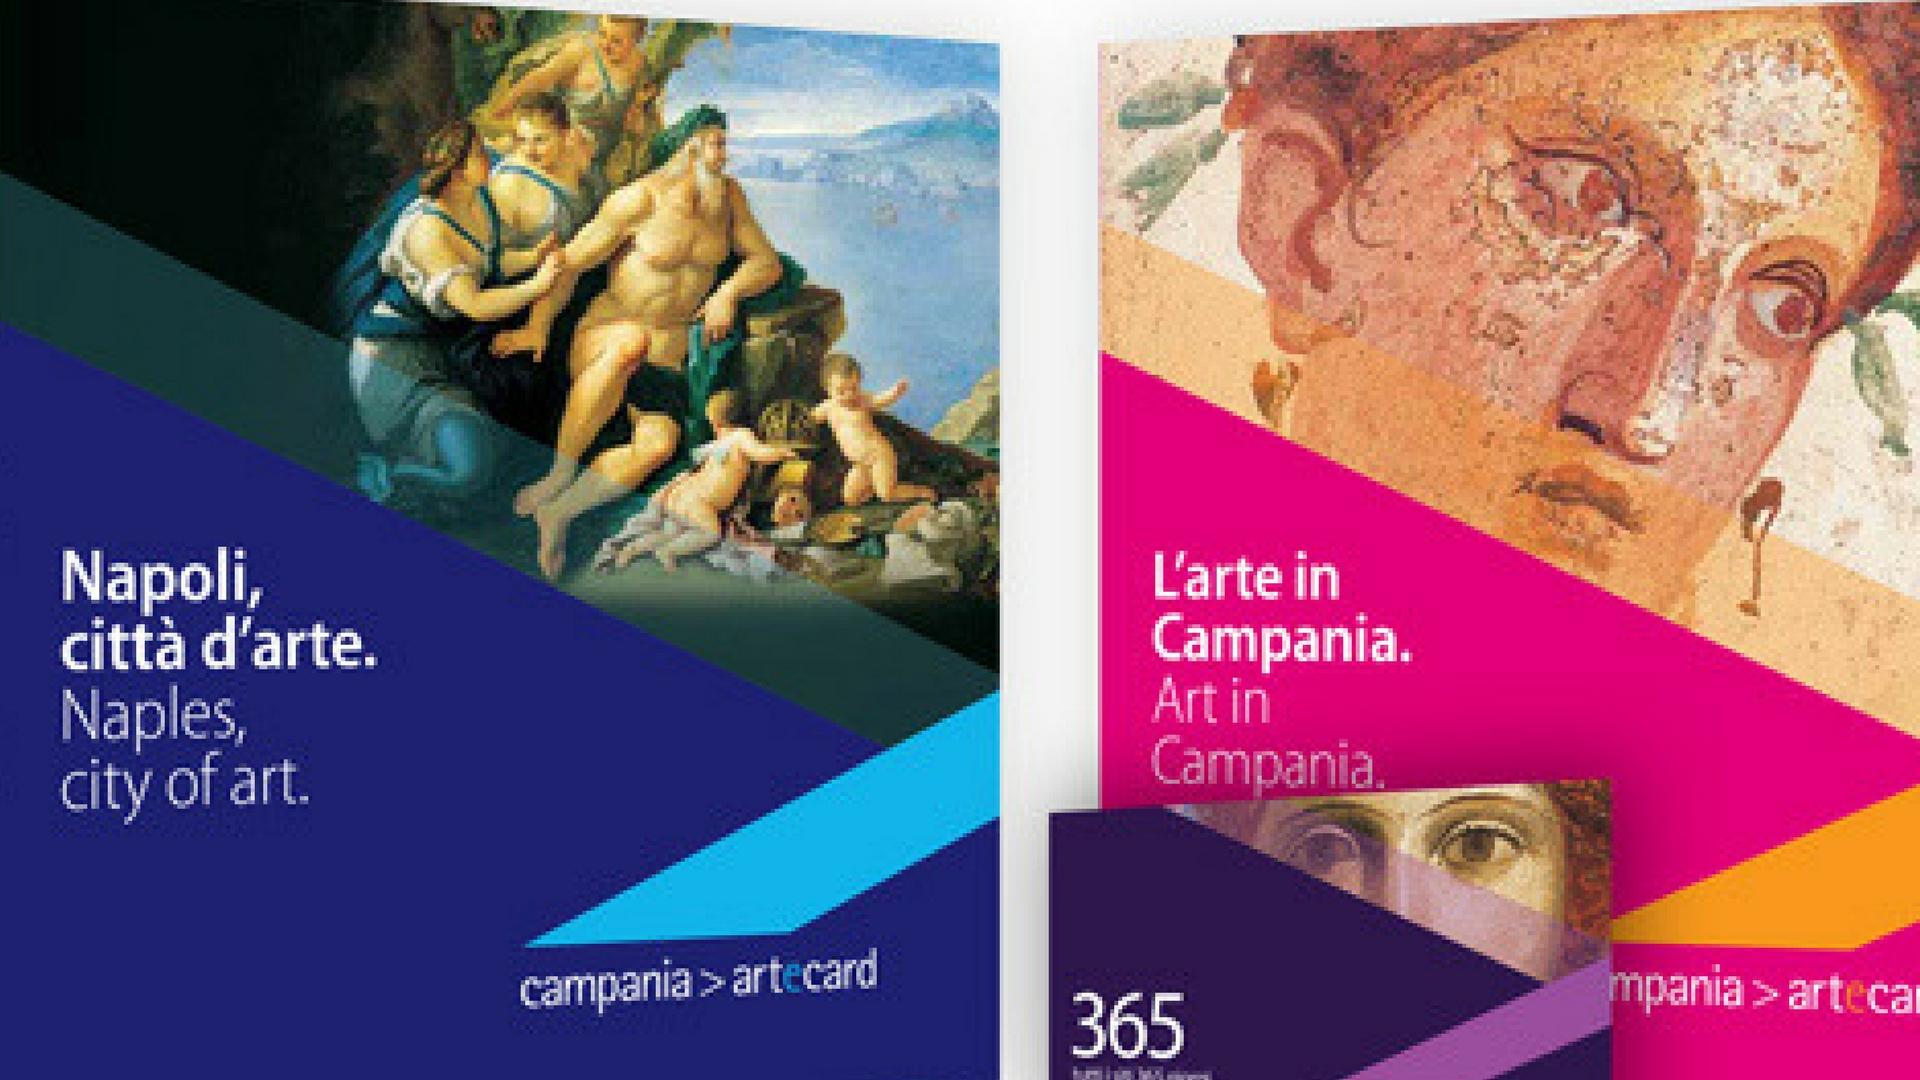 Artecard Campania e Artecard Napoli 3 giorni